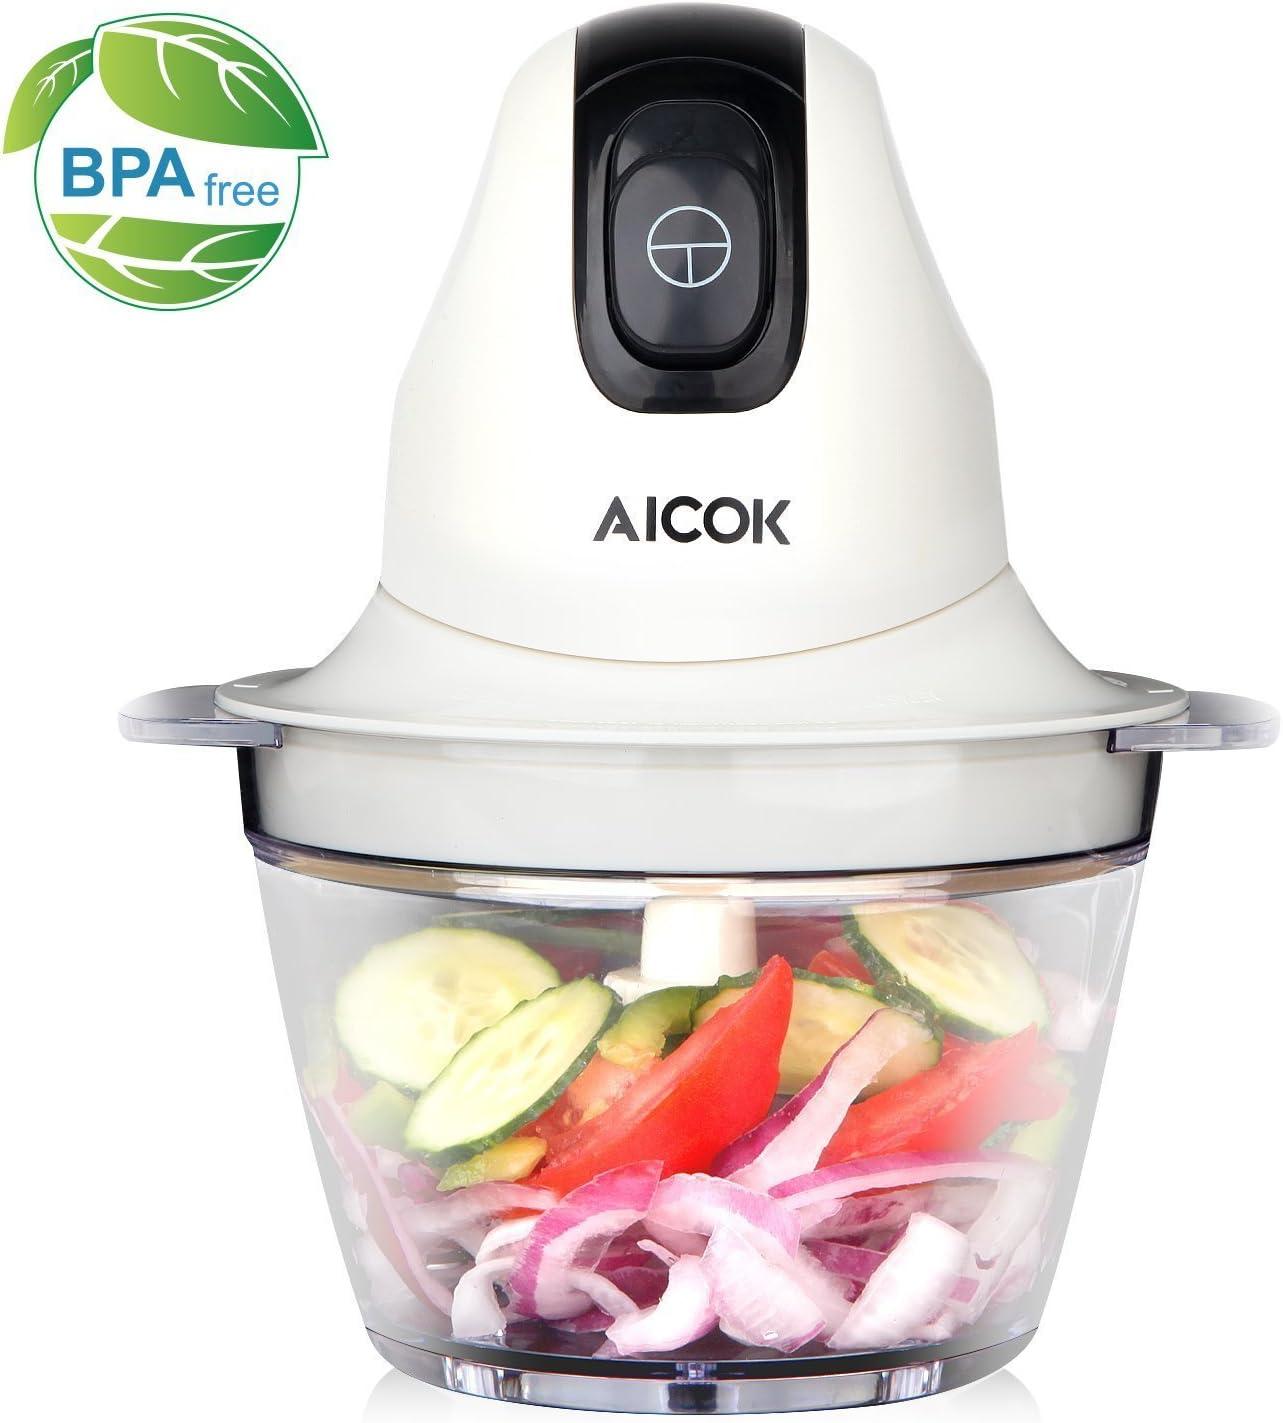 Picadora Multiusos AICOK, 300W Picadora de Alimentos Eléctrica ...